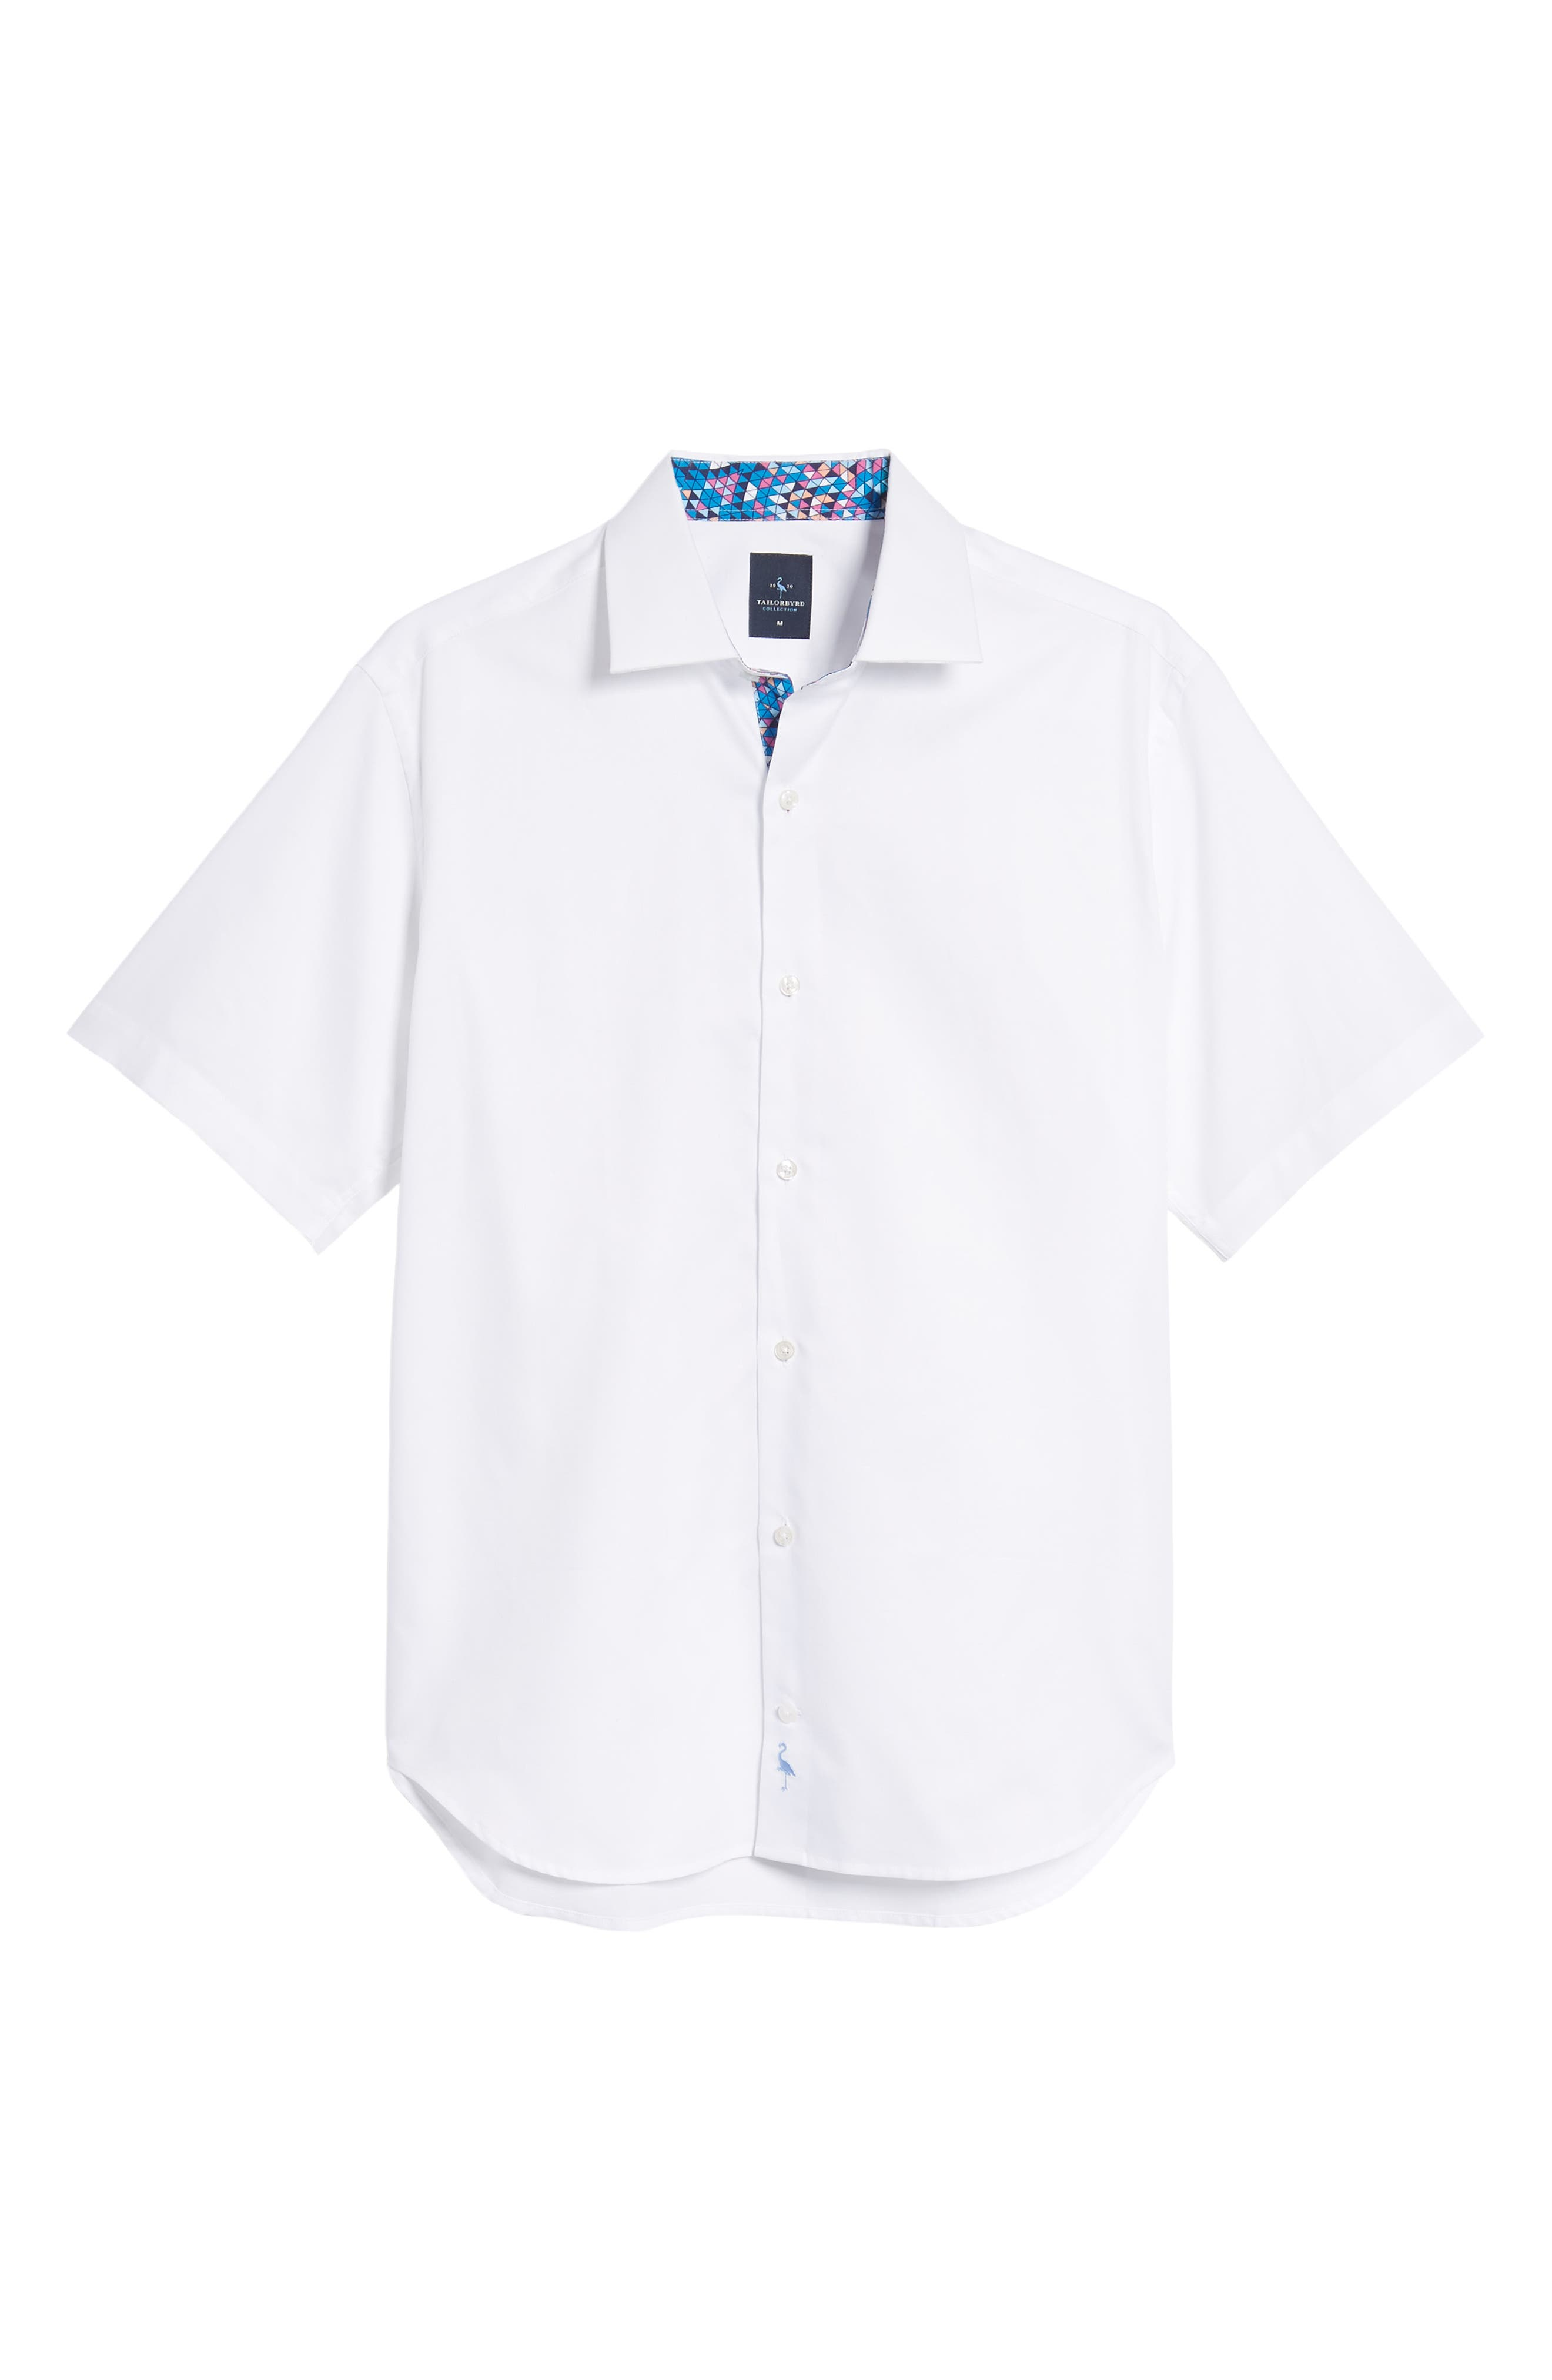 Arlen Regular Fit Sport Shirt,                             Alternate thumbnail 6, color,                             White